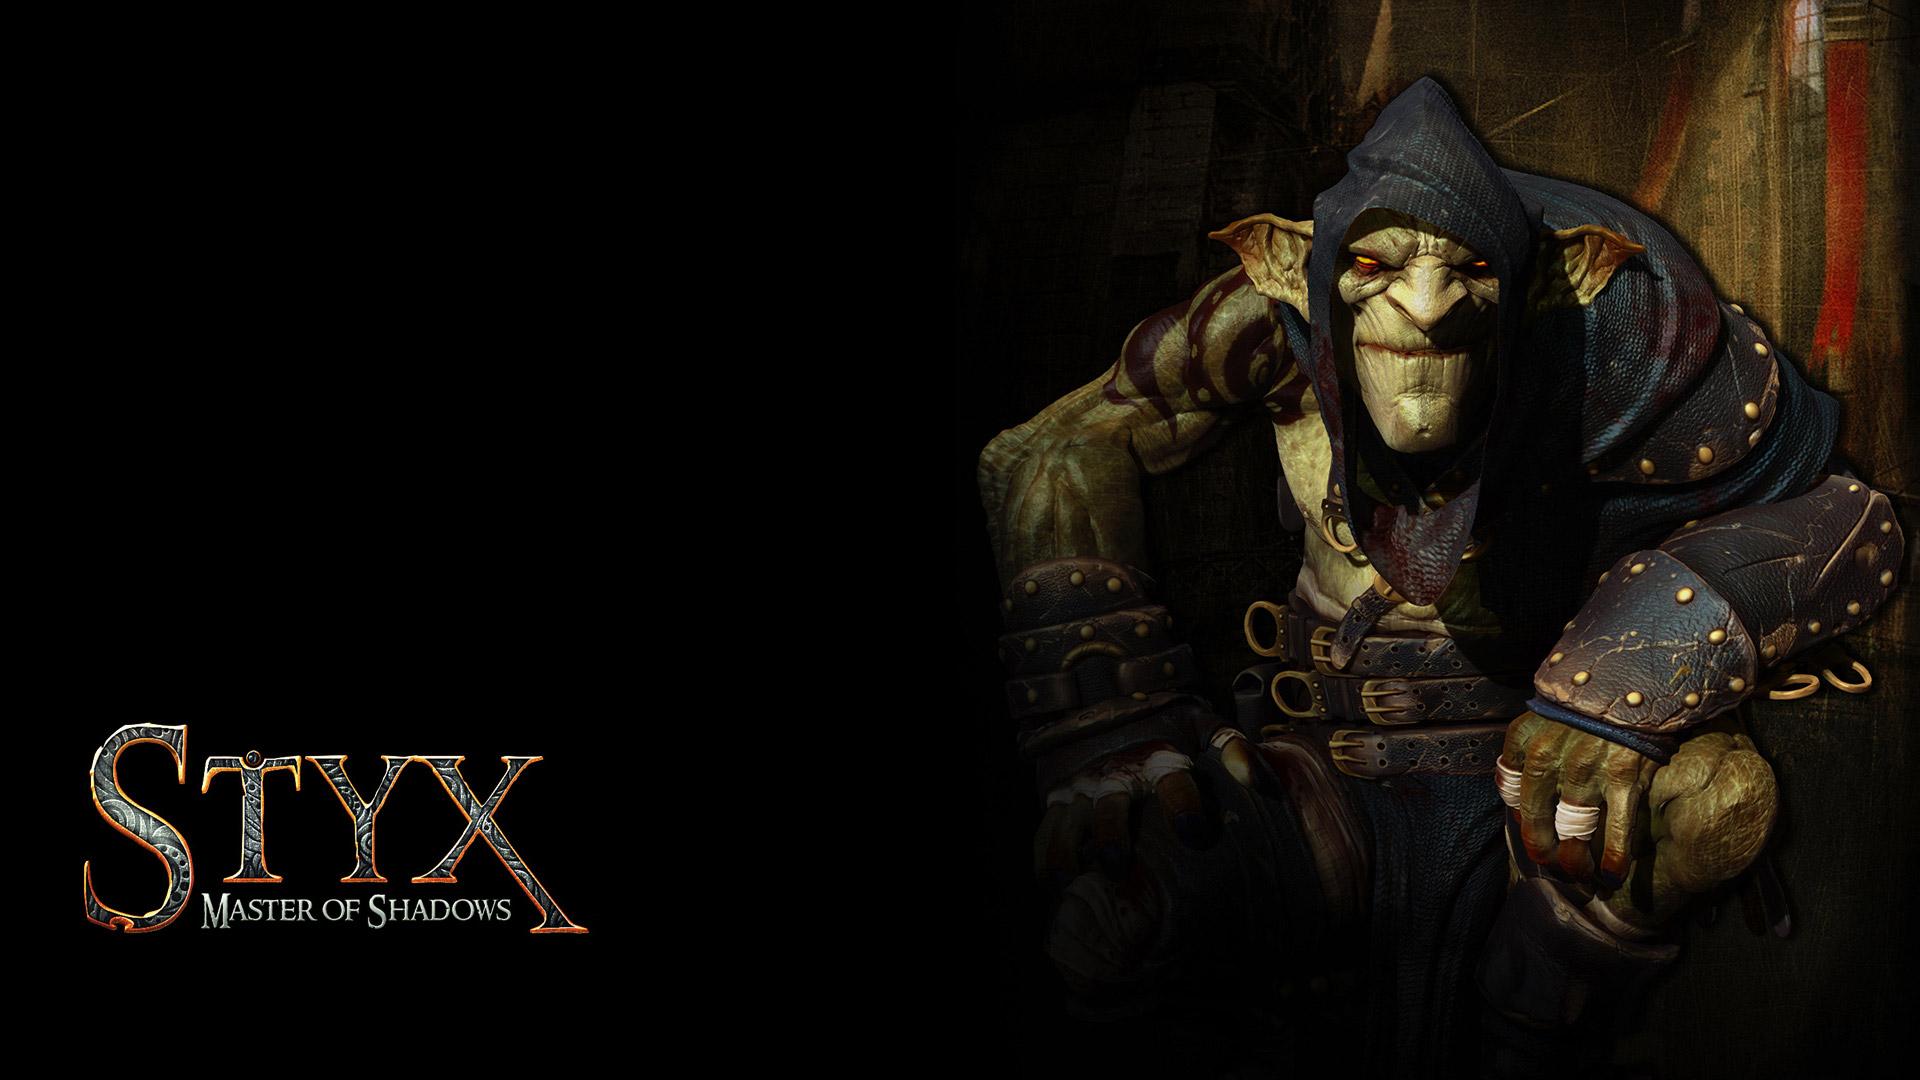 Styx Master of Shadows wallpaper 2